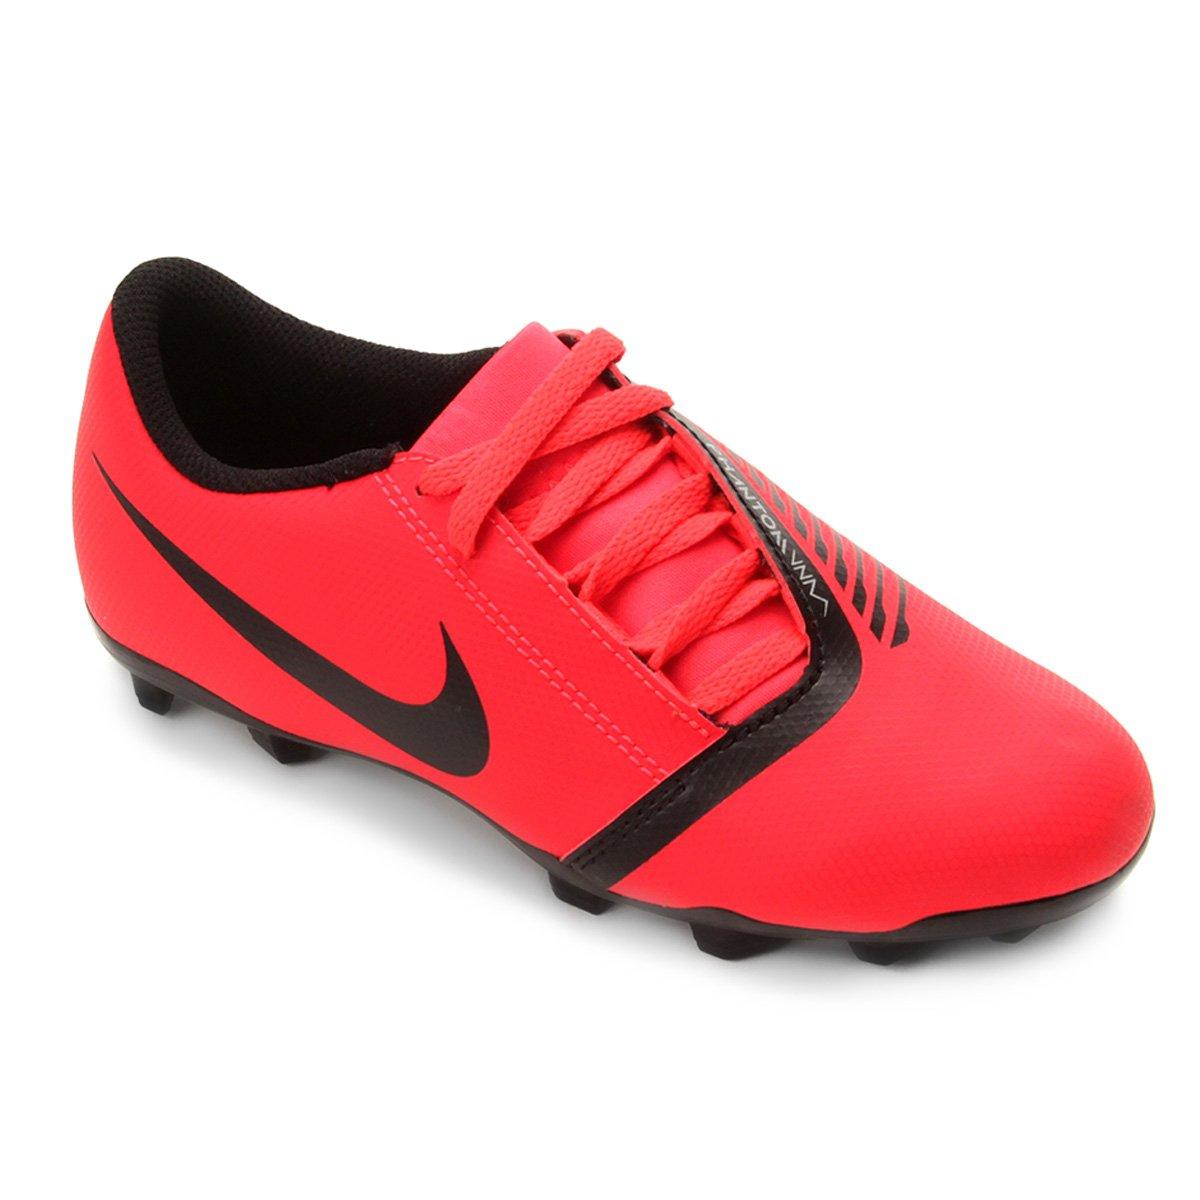 79bd9eee9edd1 Chuteira Campo Infantil Nike Phantom Venom Club FG - Vermelho e Preto    Loja do Inter